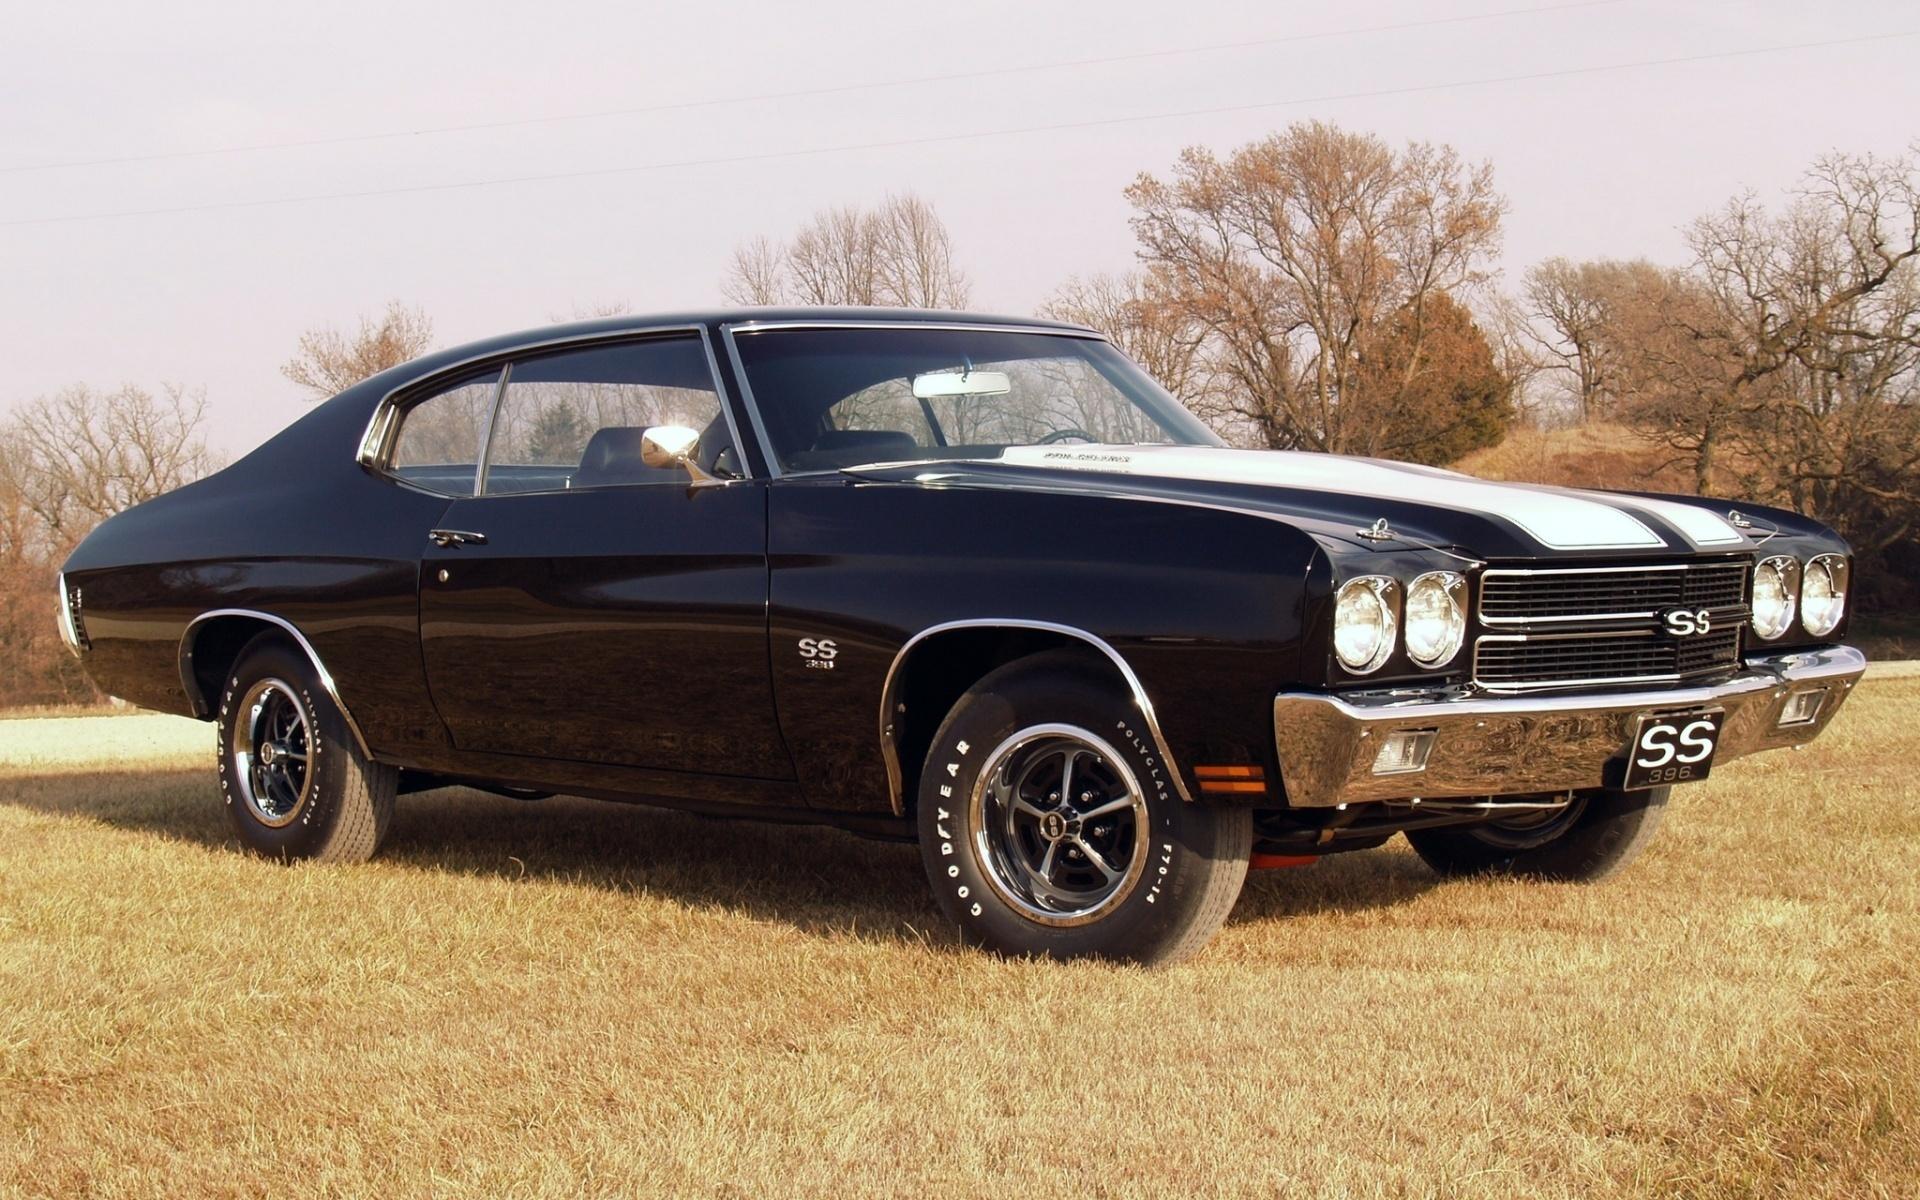 hardtop, Chevrolet, хардтоп, 1970, 396, шевиль, chevelle, coupe, ss, шевроле